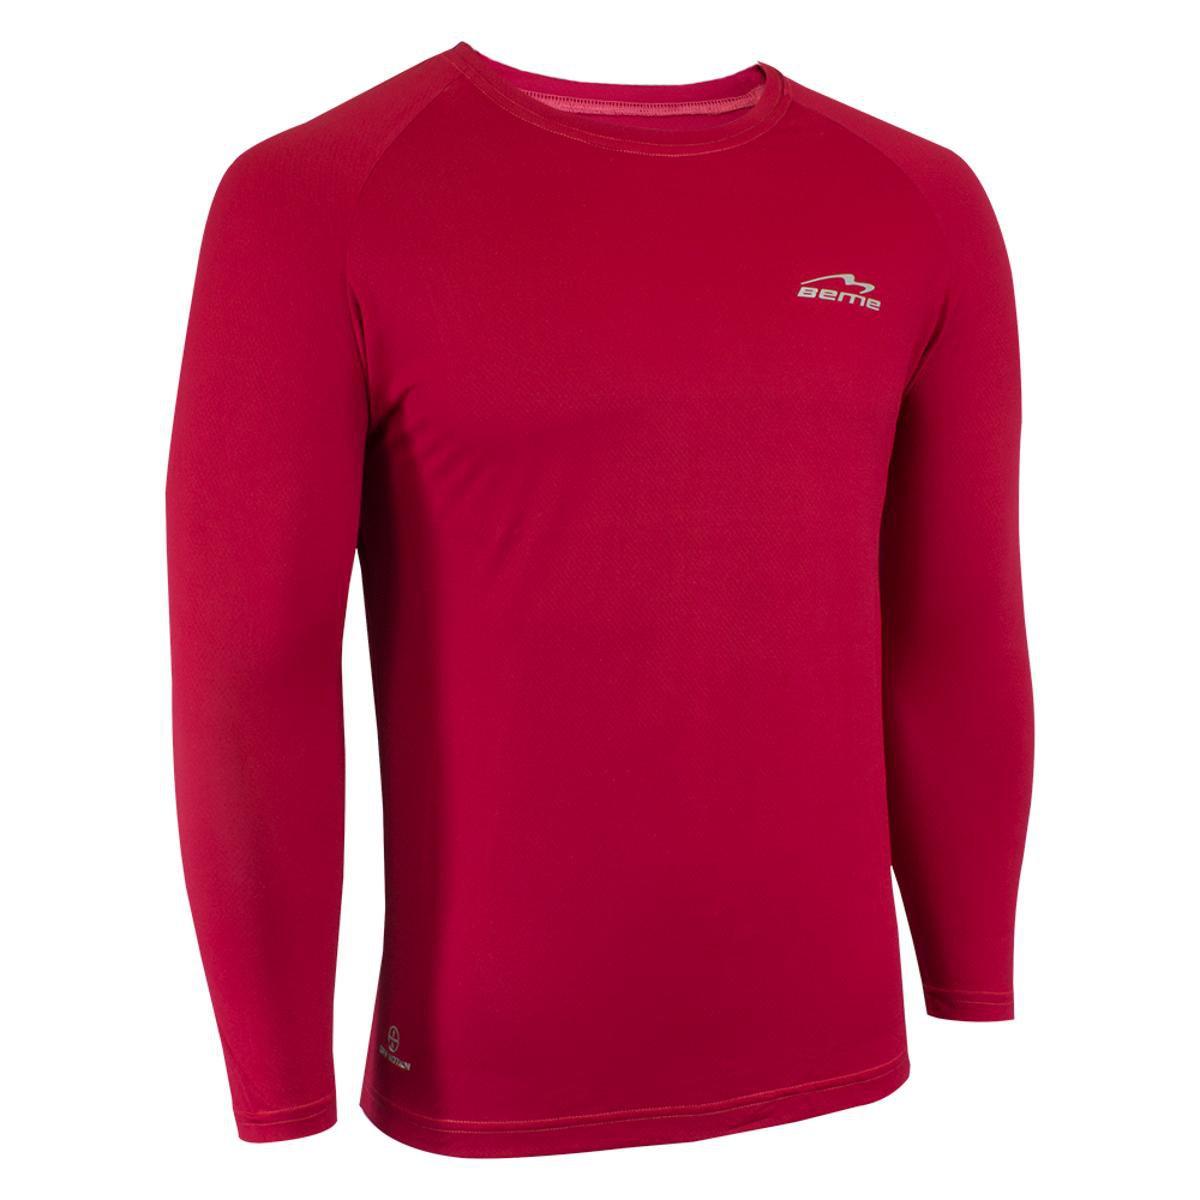 Camisa Raglã Poliamida Manga Longa Proteção Solar Masculina - Vermelho -  Compre Agora  729adb2987372